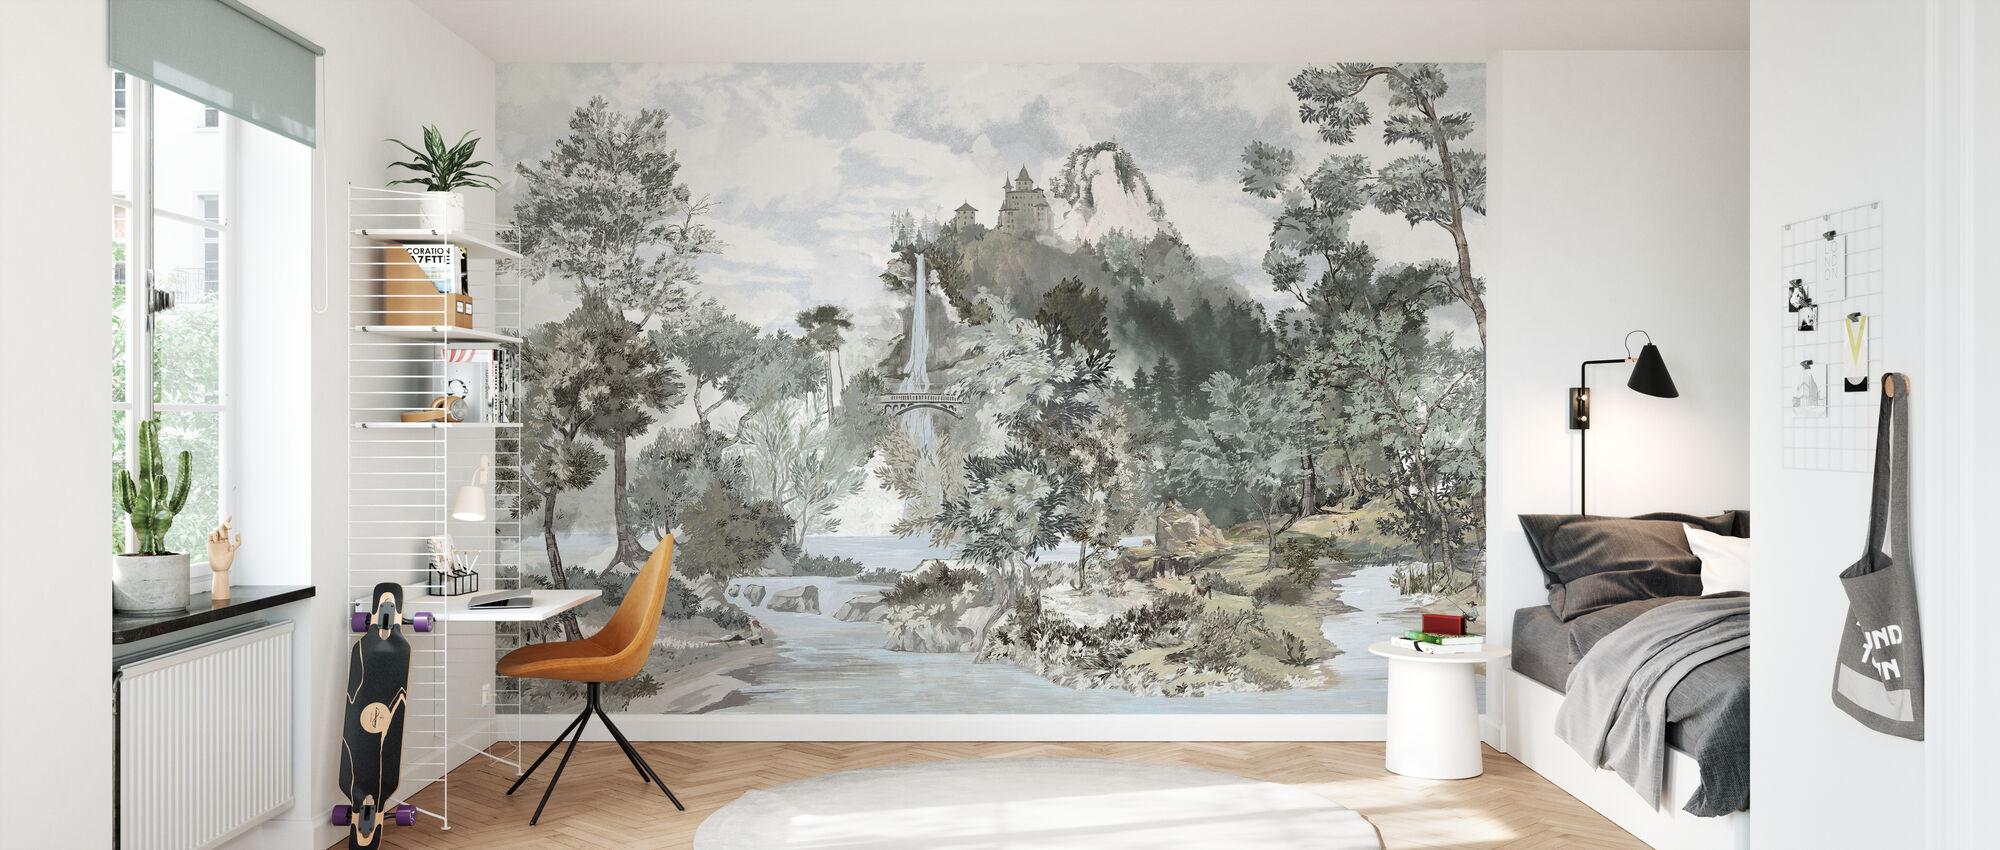 Fairytale Scenery - Wallpaper - Kids Room